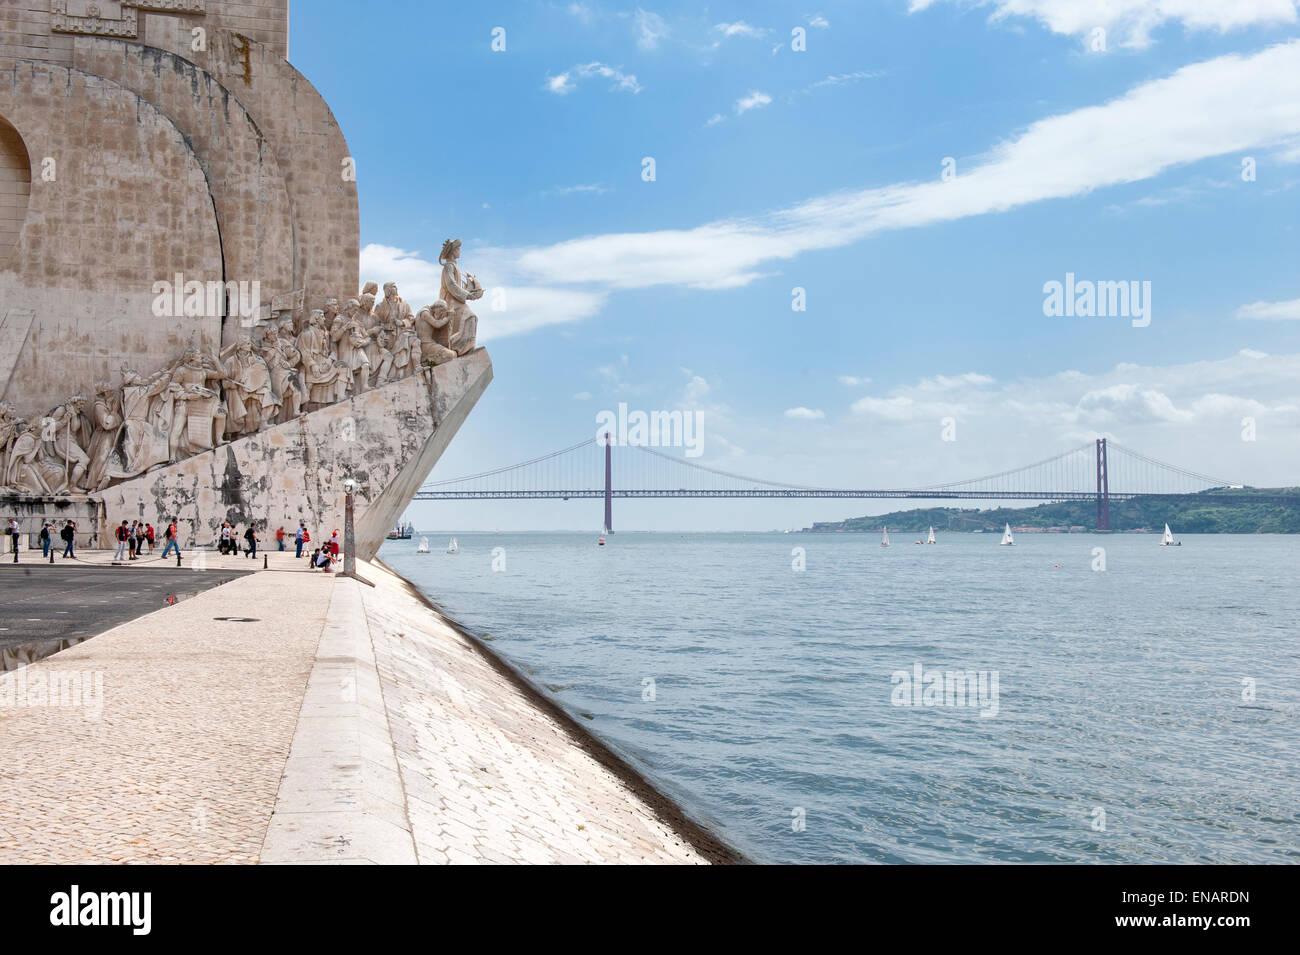 Padrão dos Descobrimentos (Monument to the Discoveries), Lisbon, Portugal - Stock Image